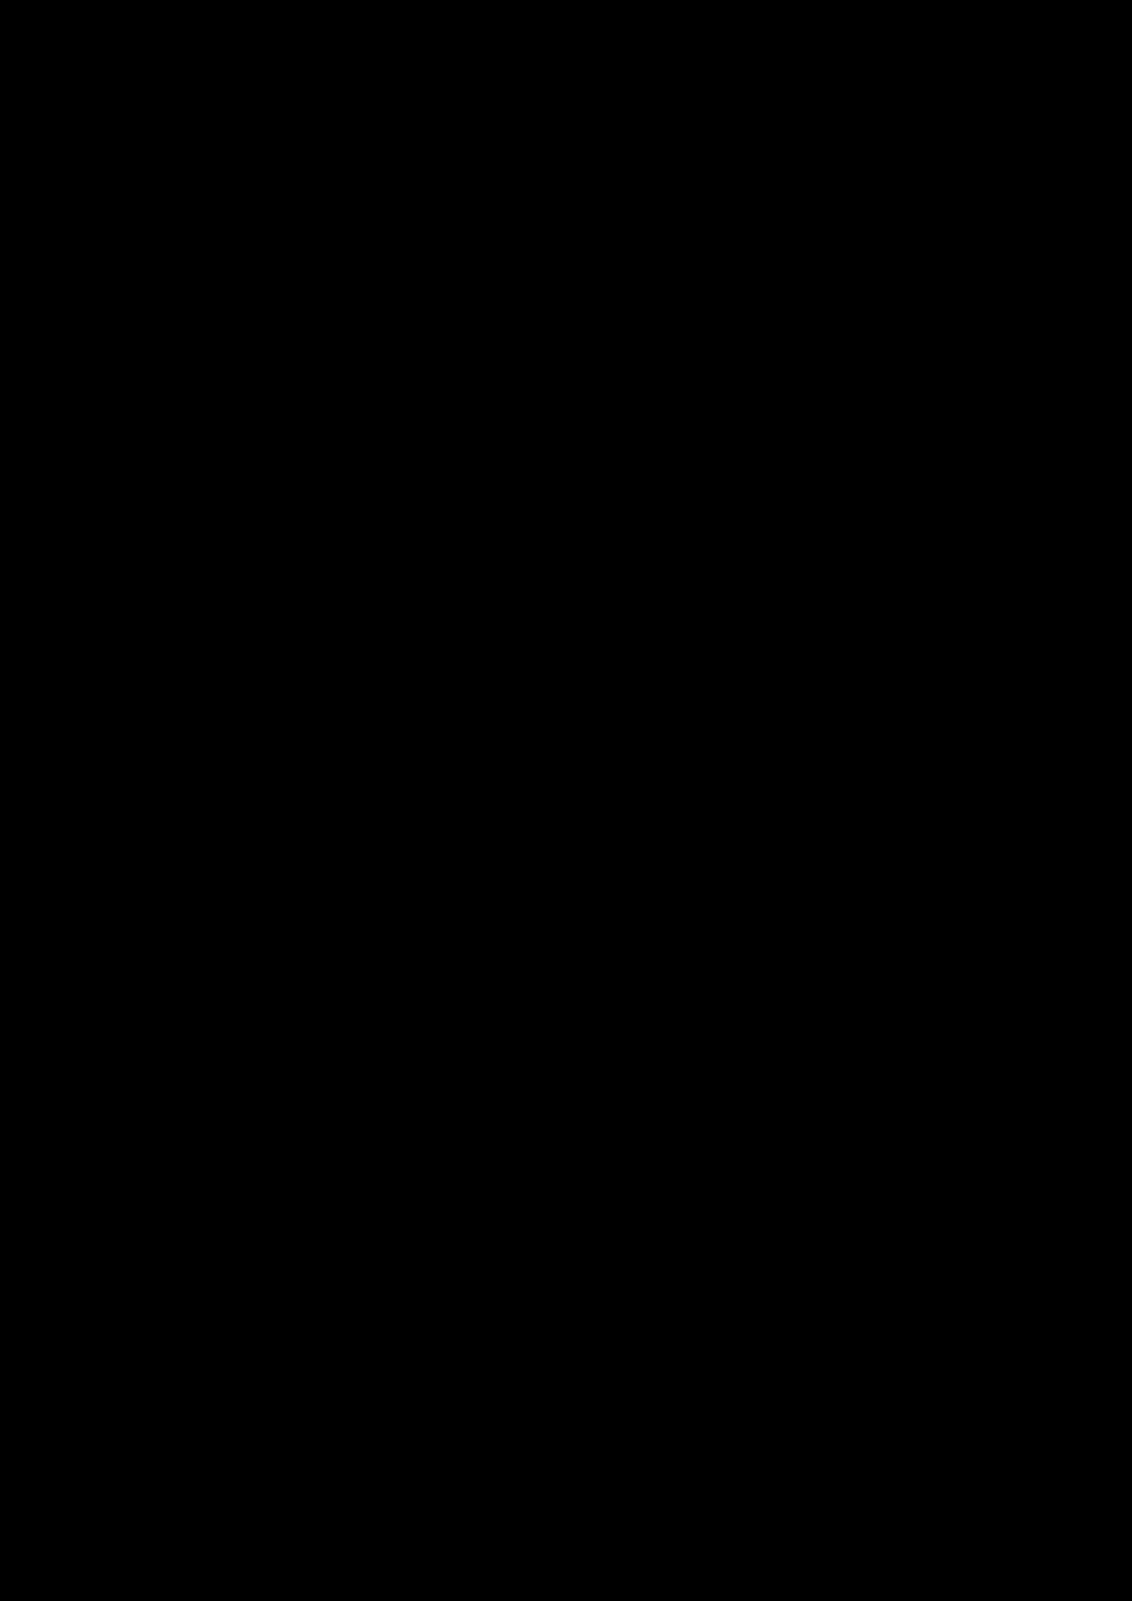 Proschanie s volshebnoy stranoy slide, Image 46